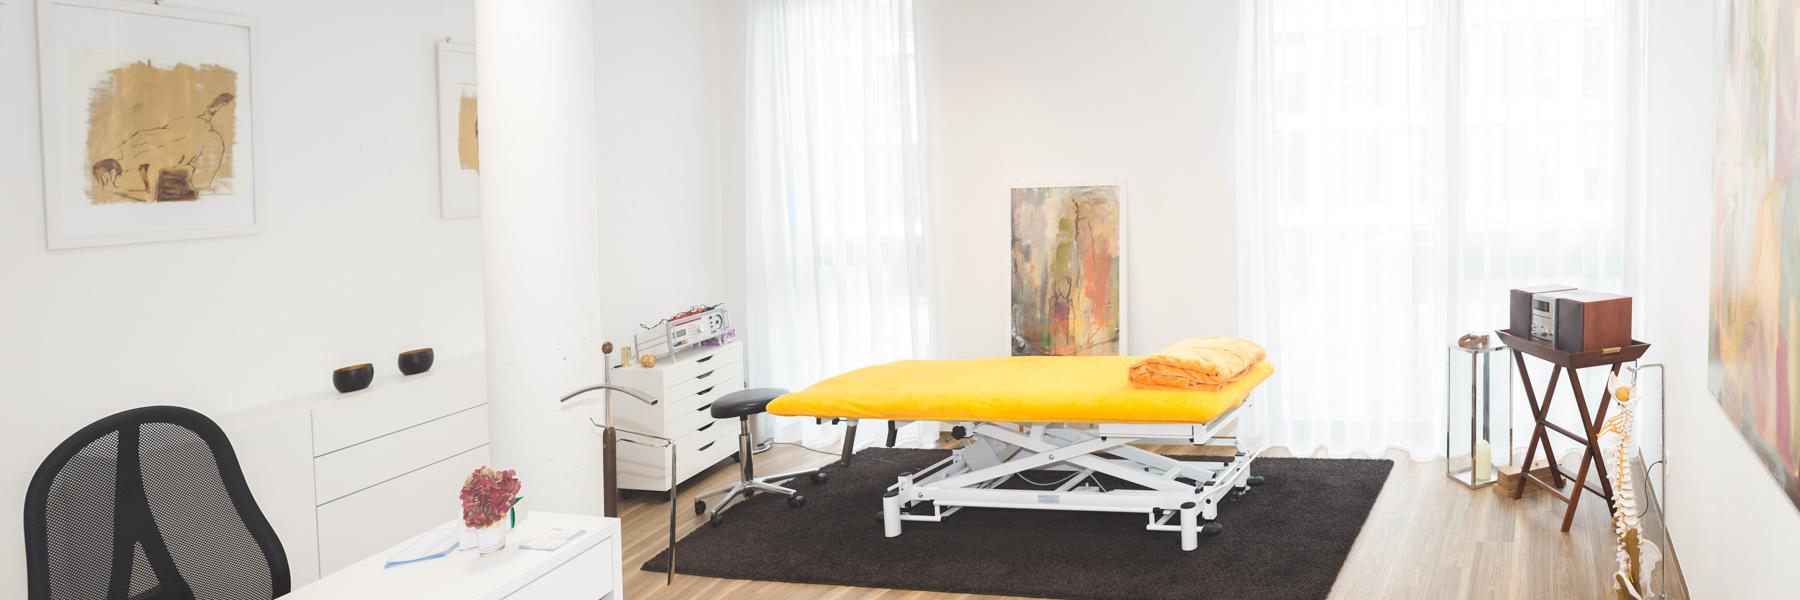 Physiotherapie Schwäbisch Hall